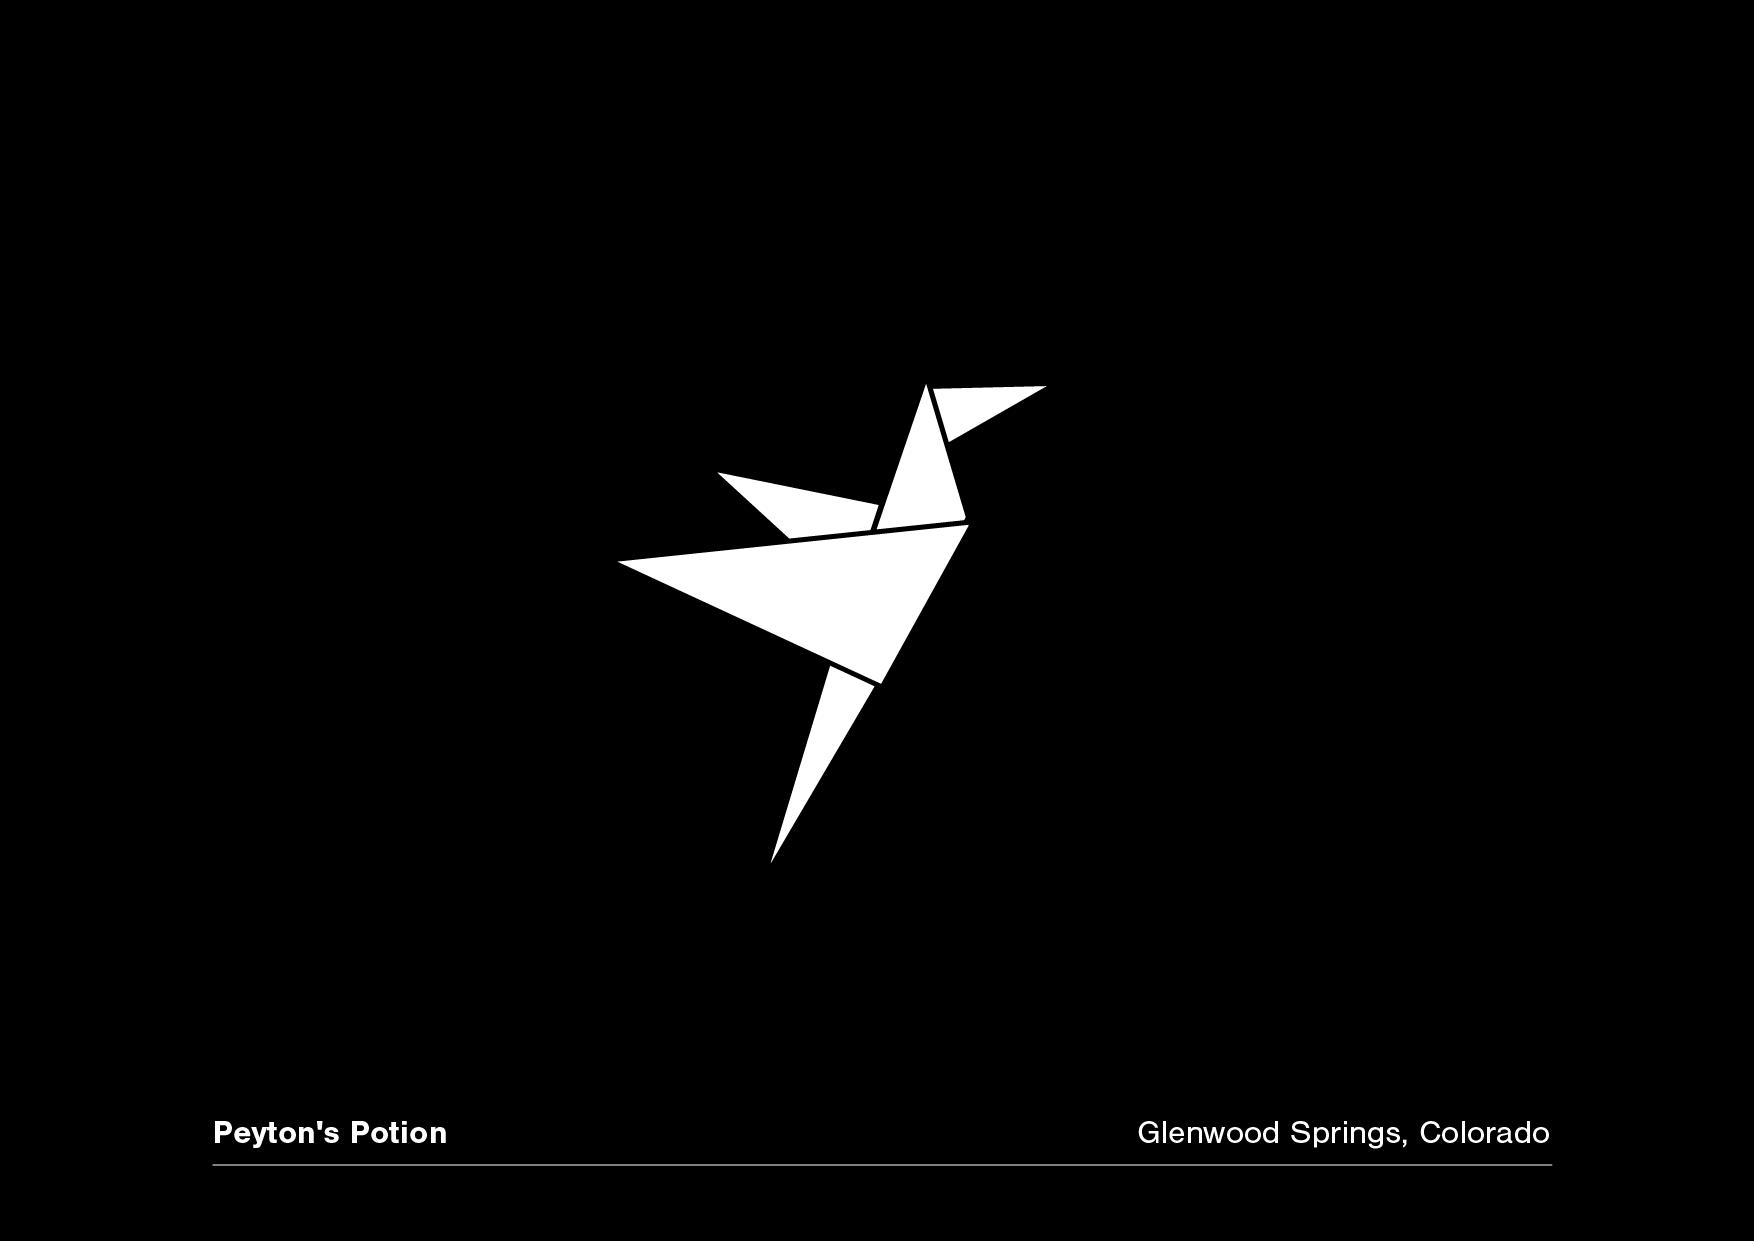 Peytons-01